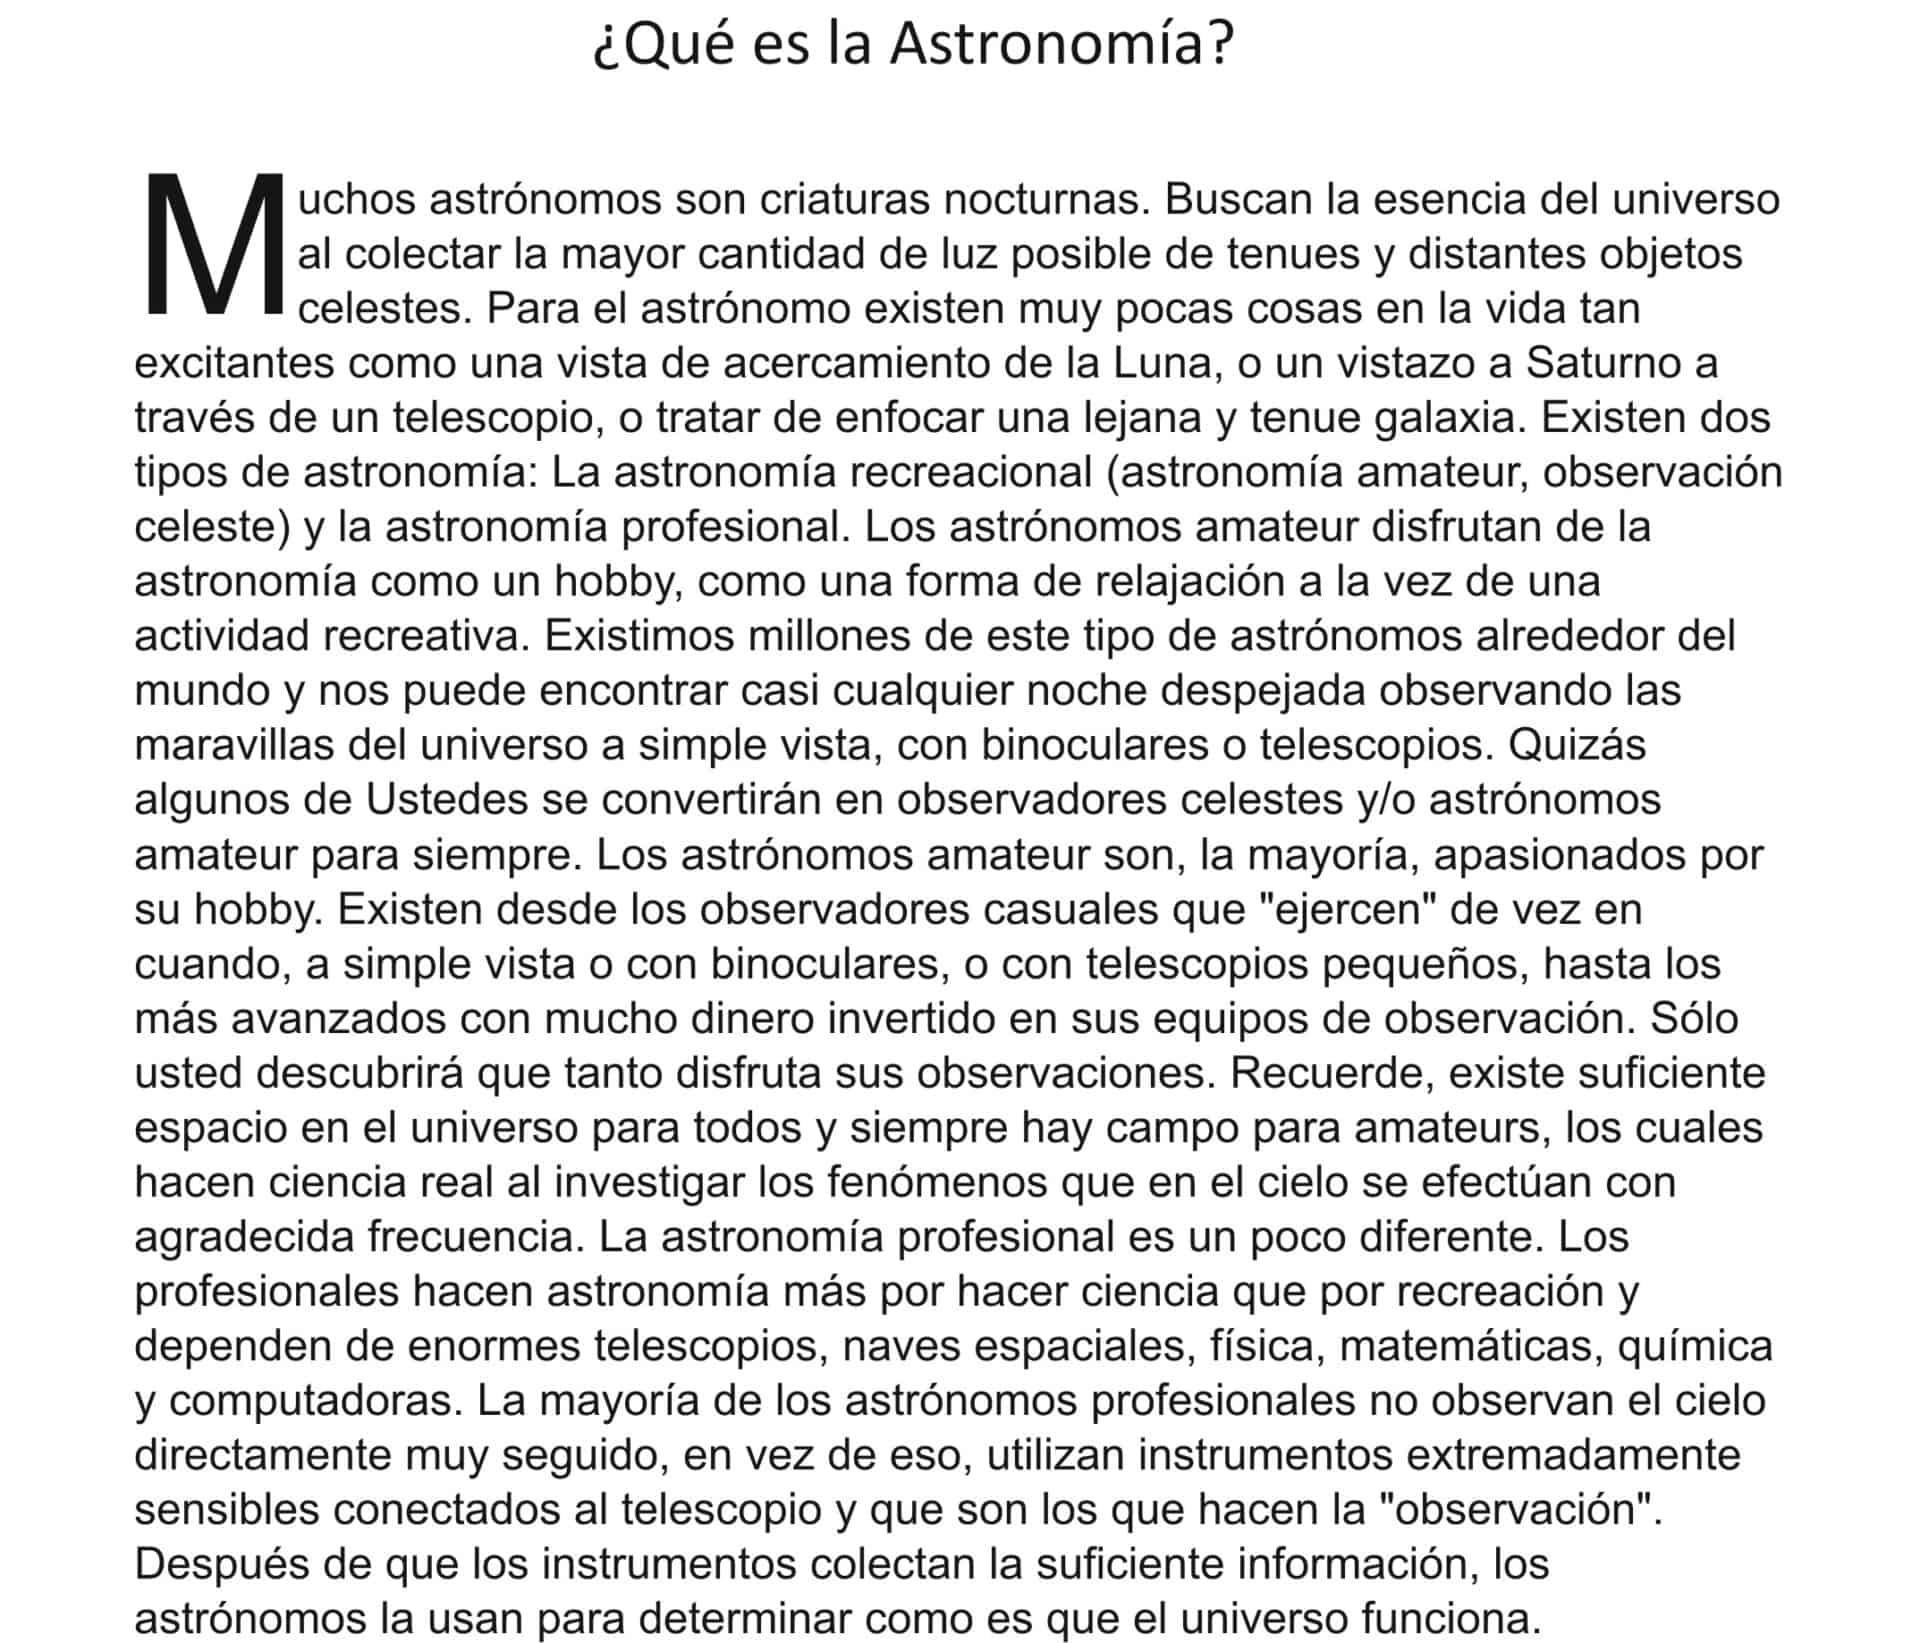 Que es la Astronomia?